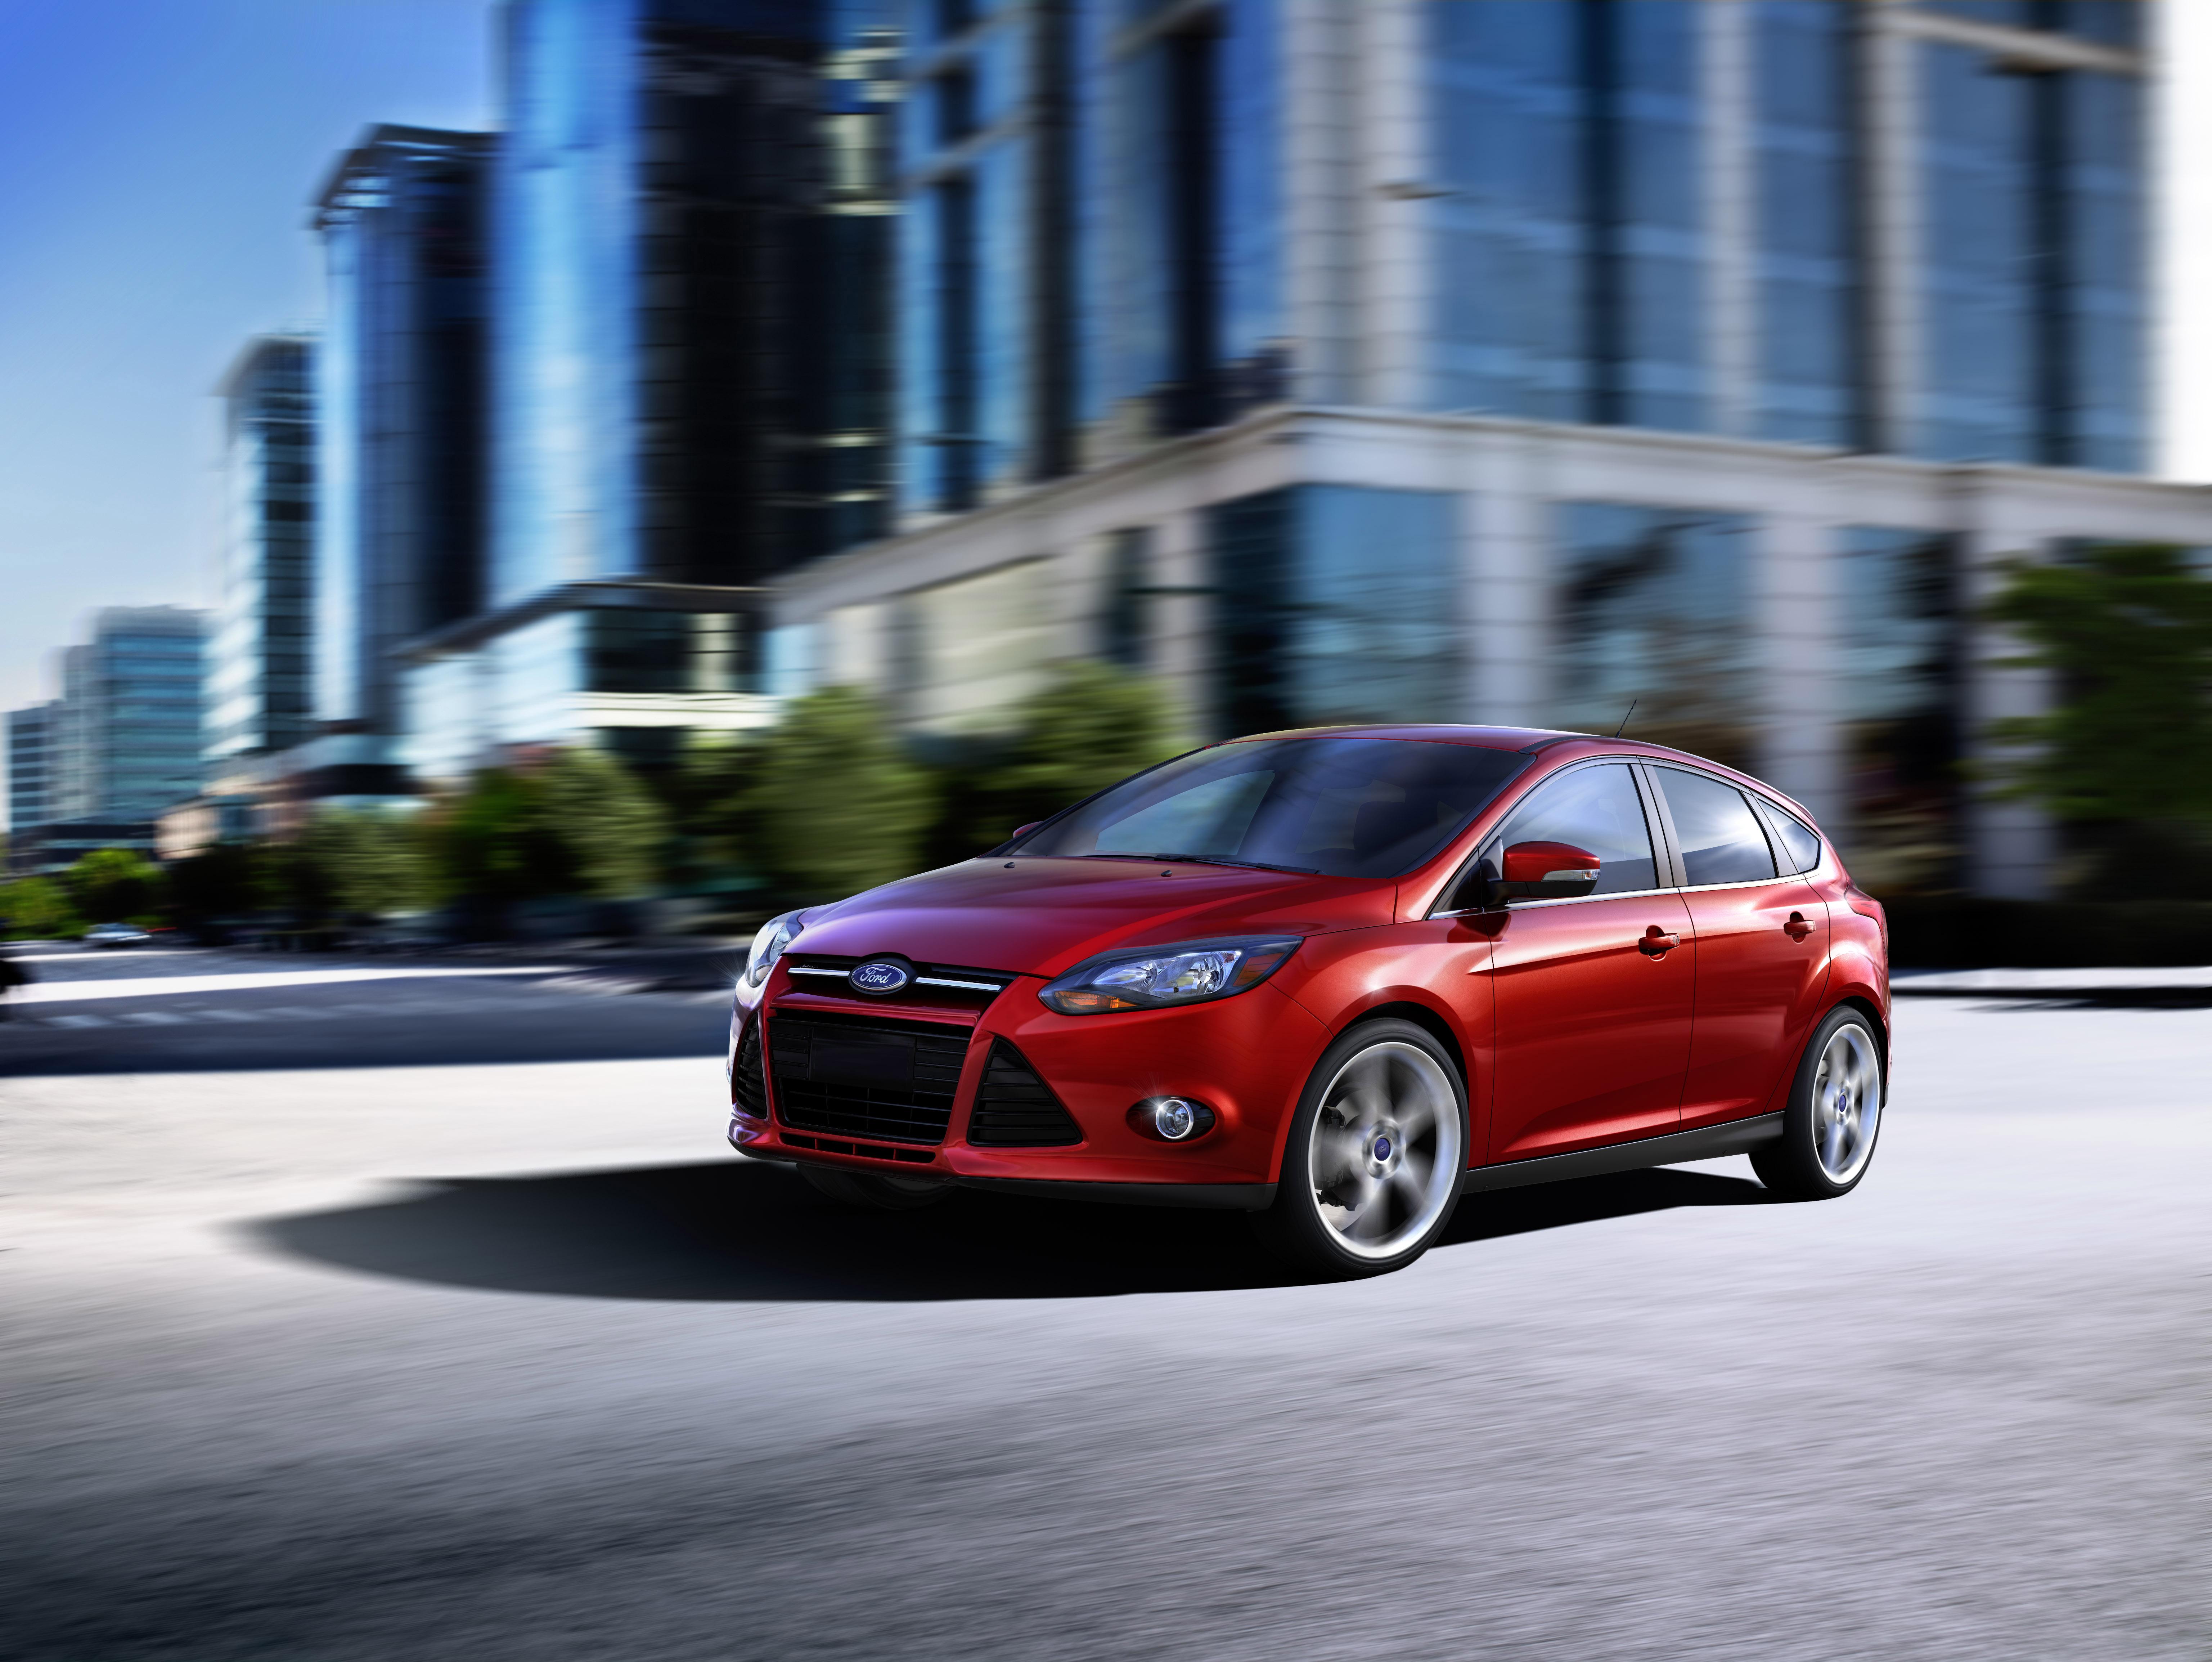 Ford Recalls Five Popular Fleet Models for Fuel Pump